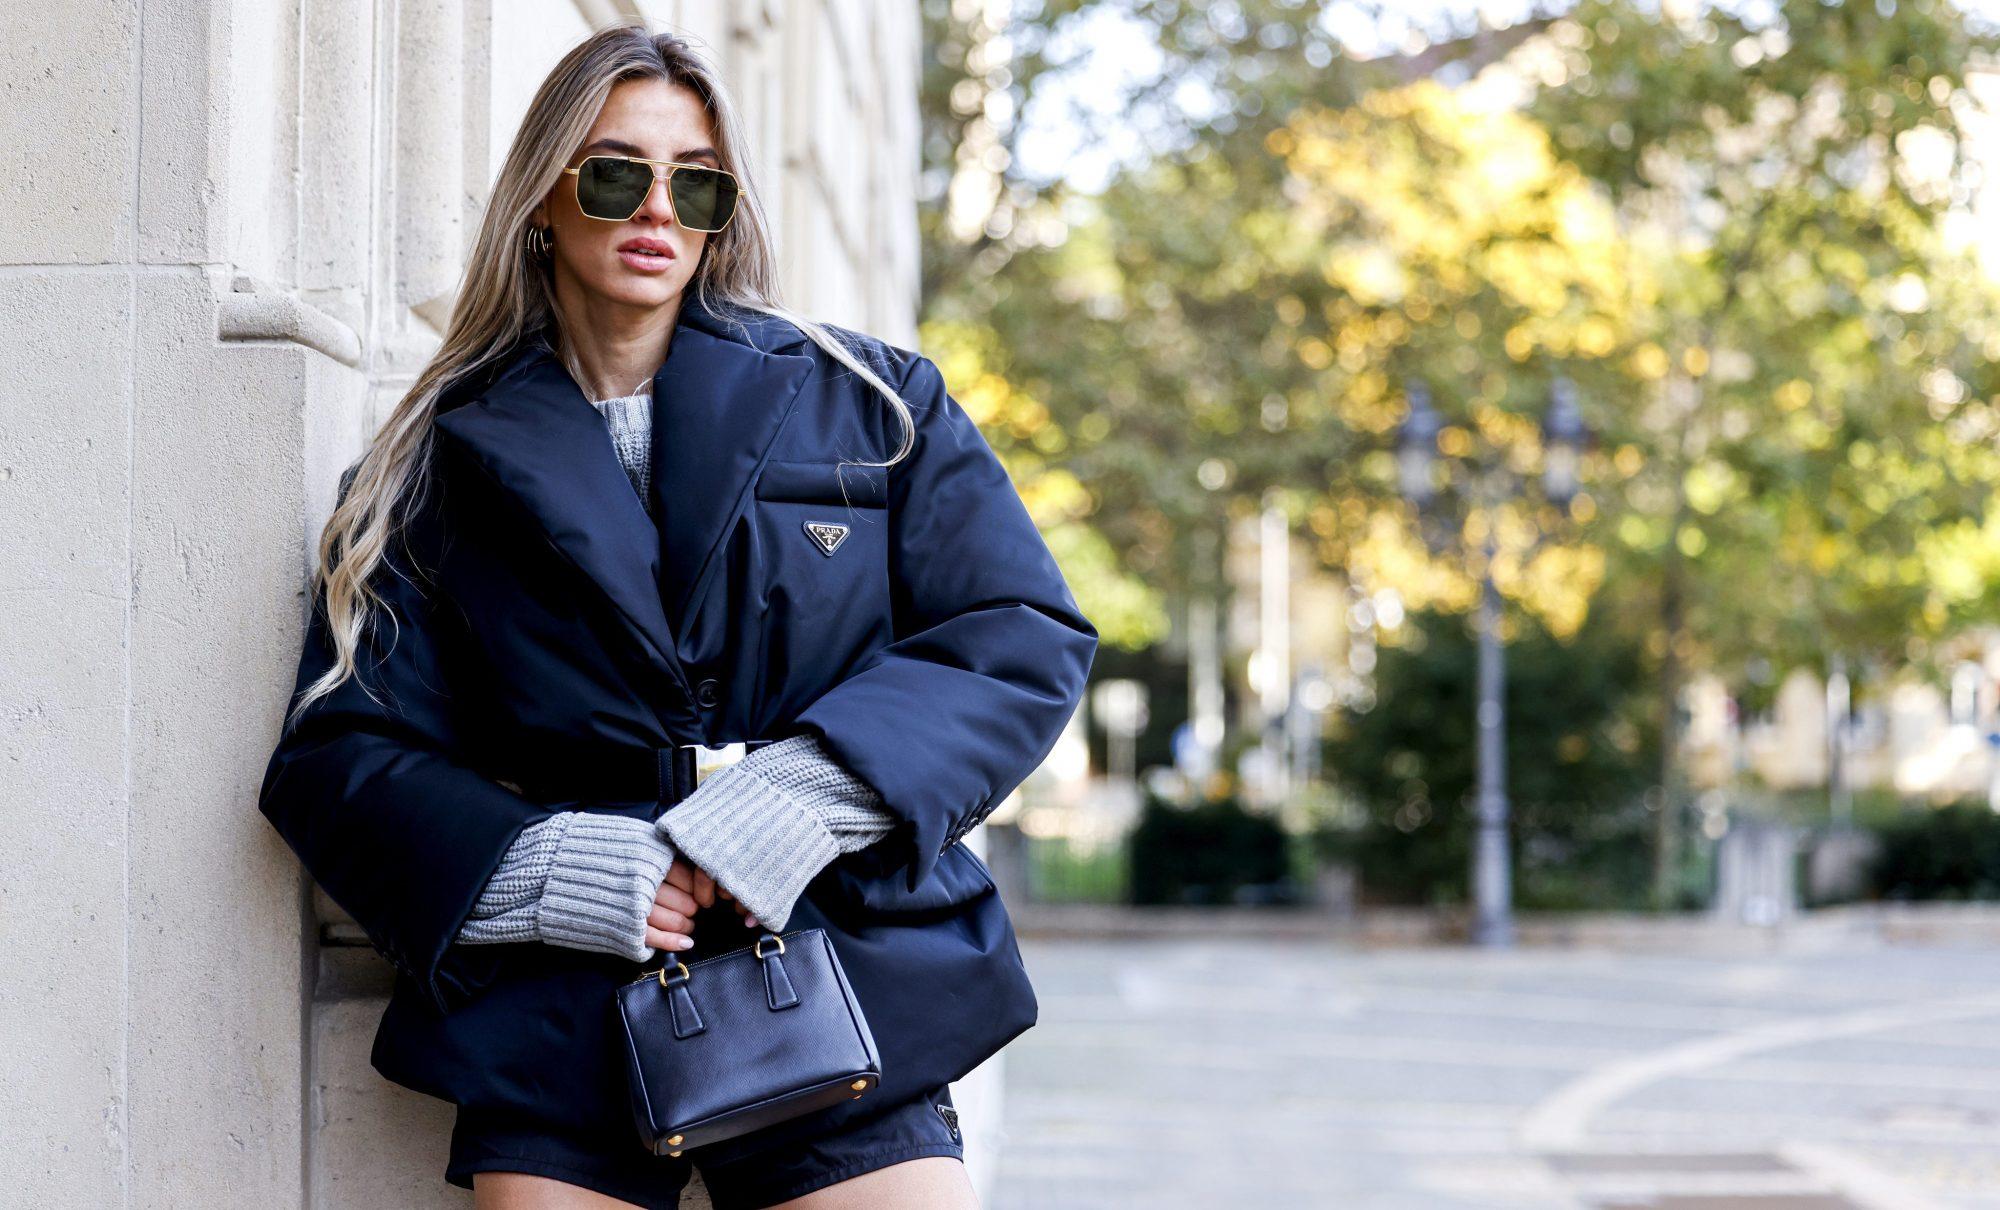 4 τρόποι να φορέσεις puffer jacket και να είσαι πιο θηλυκή από ποτέ (& 4 σχέδια για να εντάξεις το trend στη προσωπική σου συλλογή) Το πουπουλένιο μπουφάν, όπως θα το αποκαλούσε η μητέρα μου, είναι το κατεξοχήν παρεξηγημένο item της γυναικείας γκαρνταρόμπας, αφού μέχρι στιγμής ήταν απόλυτα συνυφασμένο με τις τσουχτερές θερμοκρασίες και τις εκδρομικές εξορμήσεις στο βουνό. Ποιος θα φανταζόταν πως τη φετινή σεζόν θα αποτελέσει την κίνηση-ματ για άψογο στυλ από το πρωί ως το βράδυ;